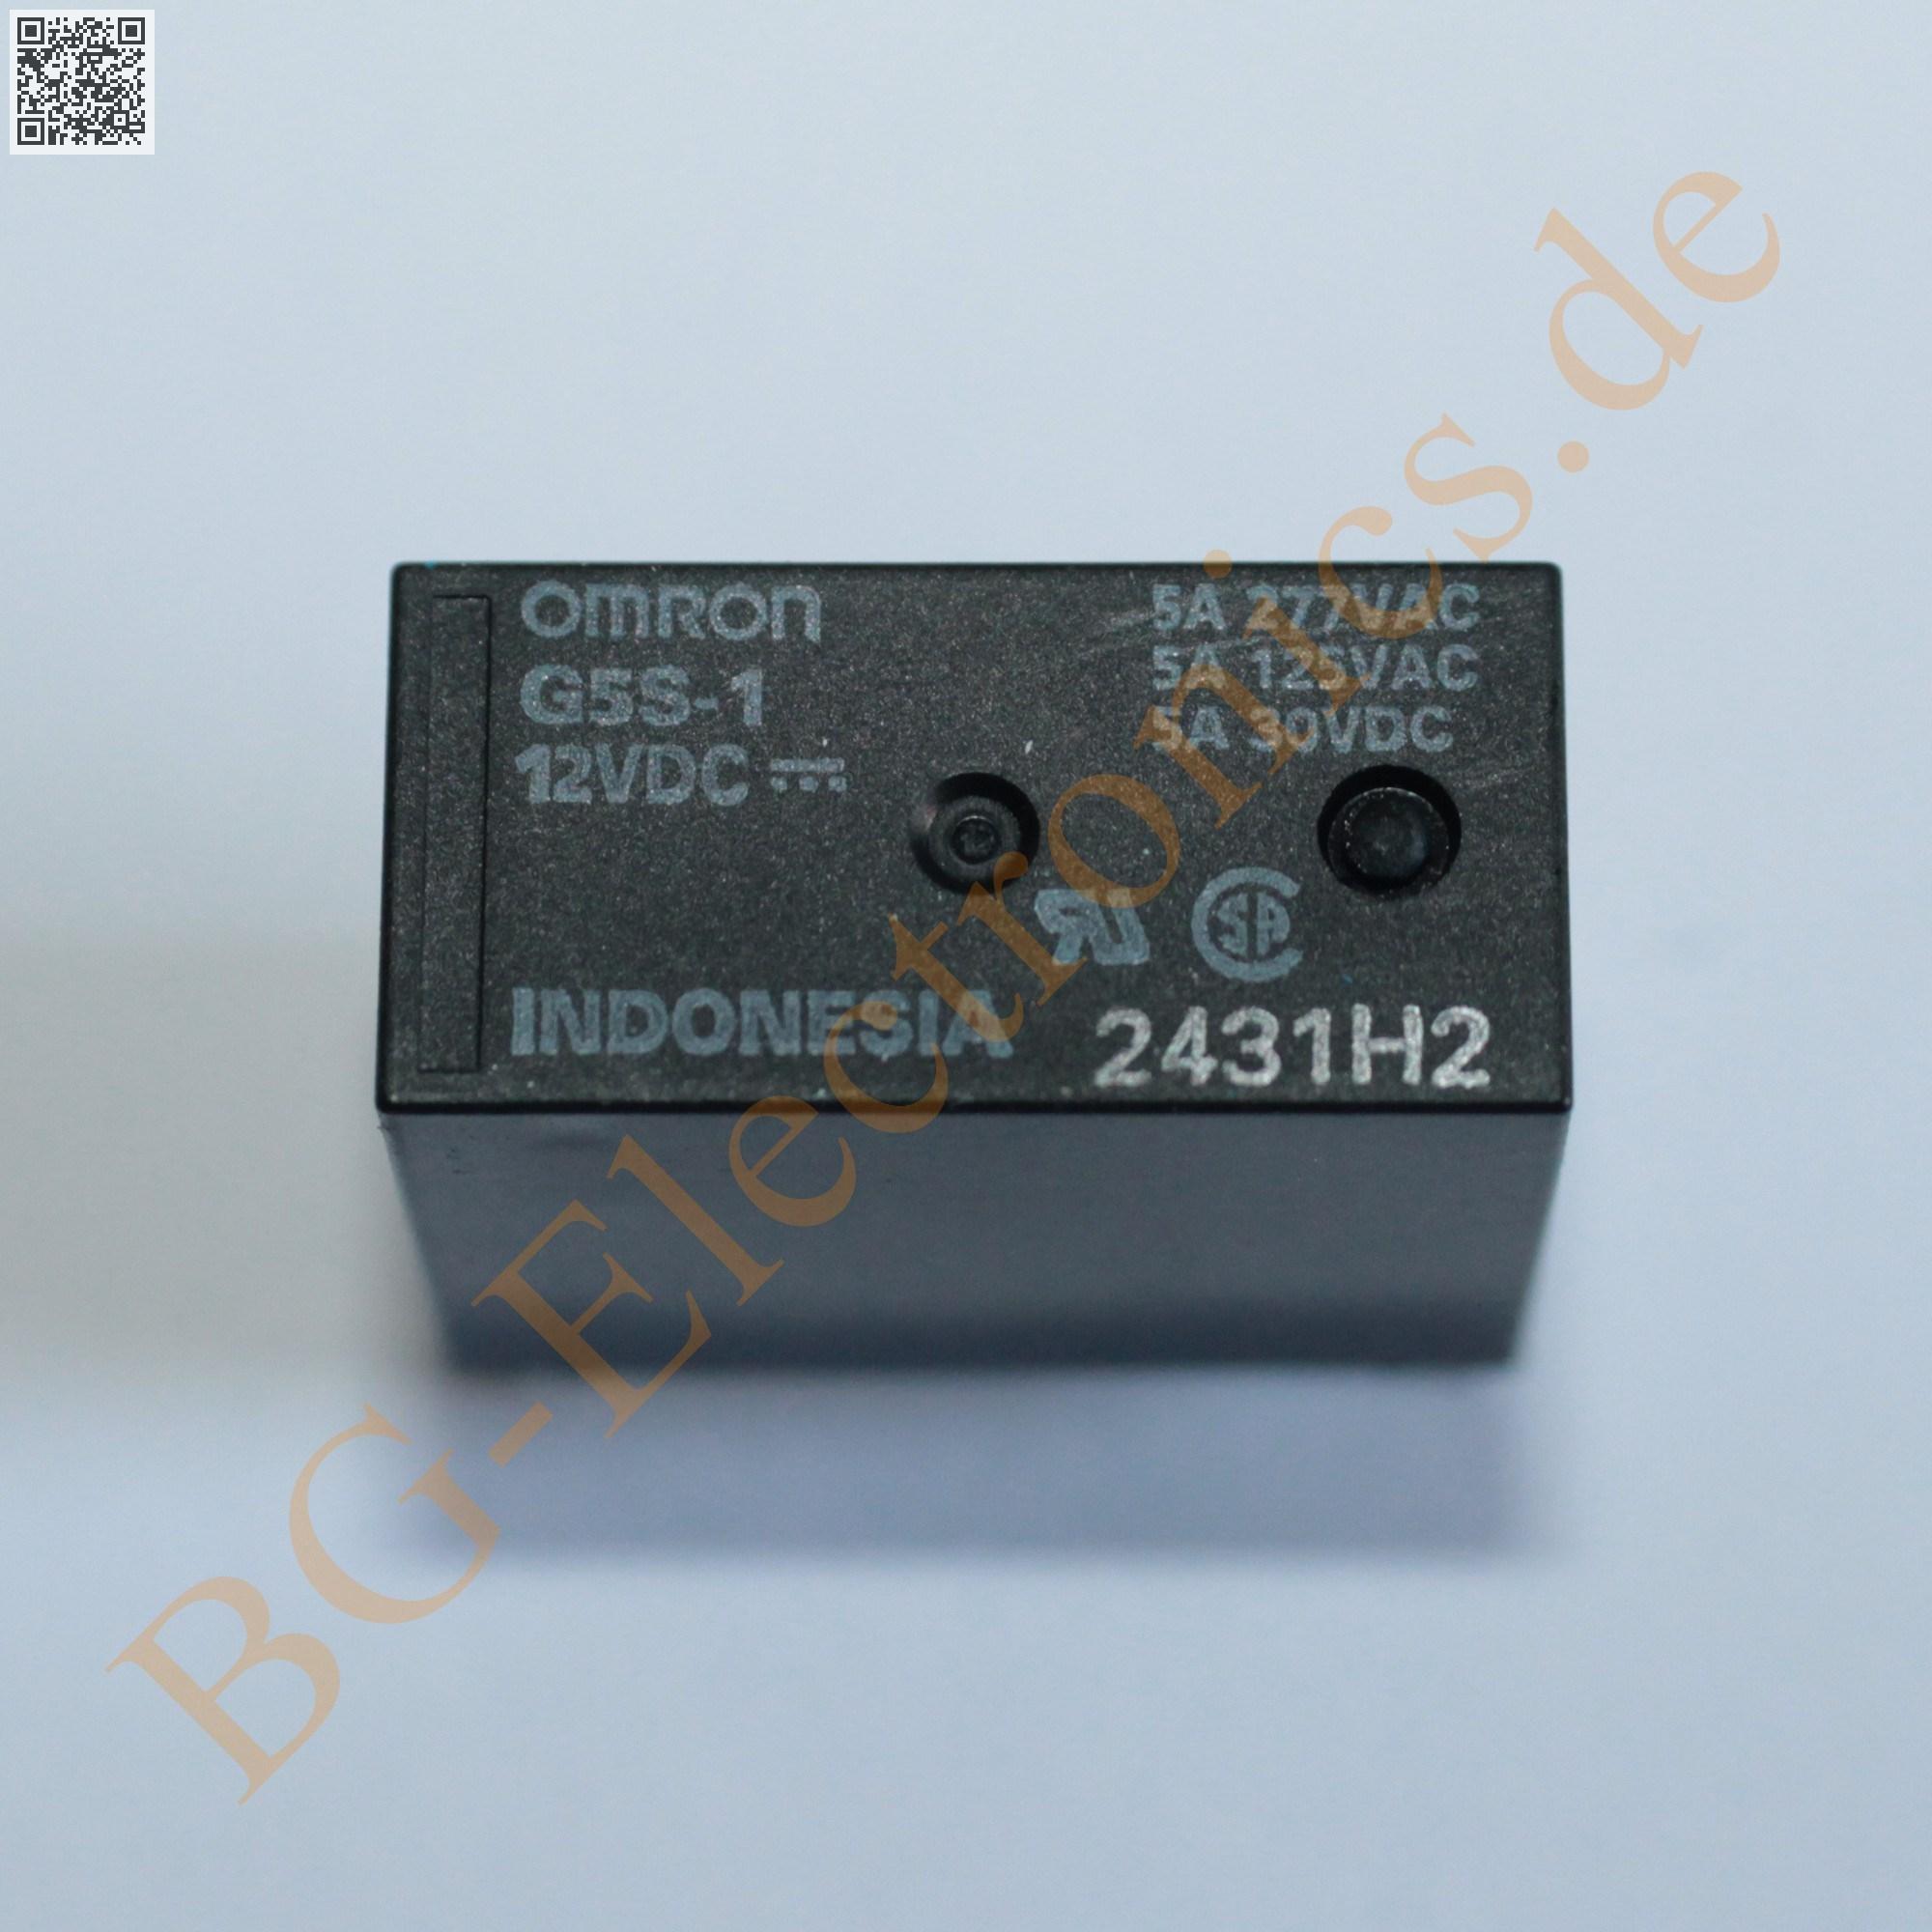 1 x g5s 1 dc12 pcb relay ag 12v 360 g5s 1 12dc omron 1pcs ebay. Black Bedroom Furniture Sets. Home Design Ideas